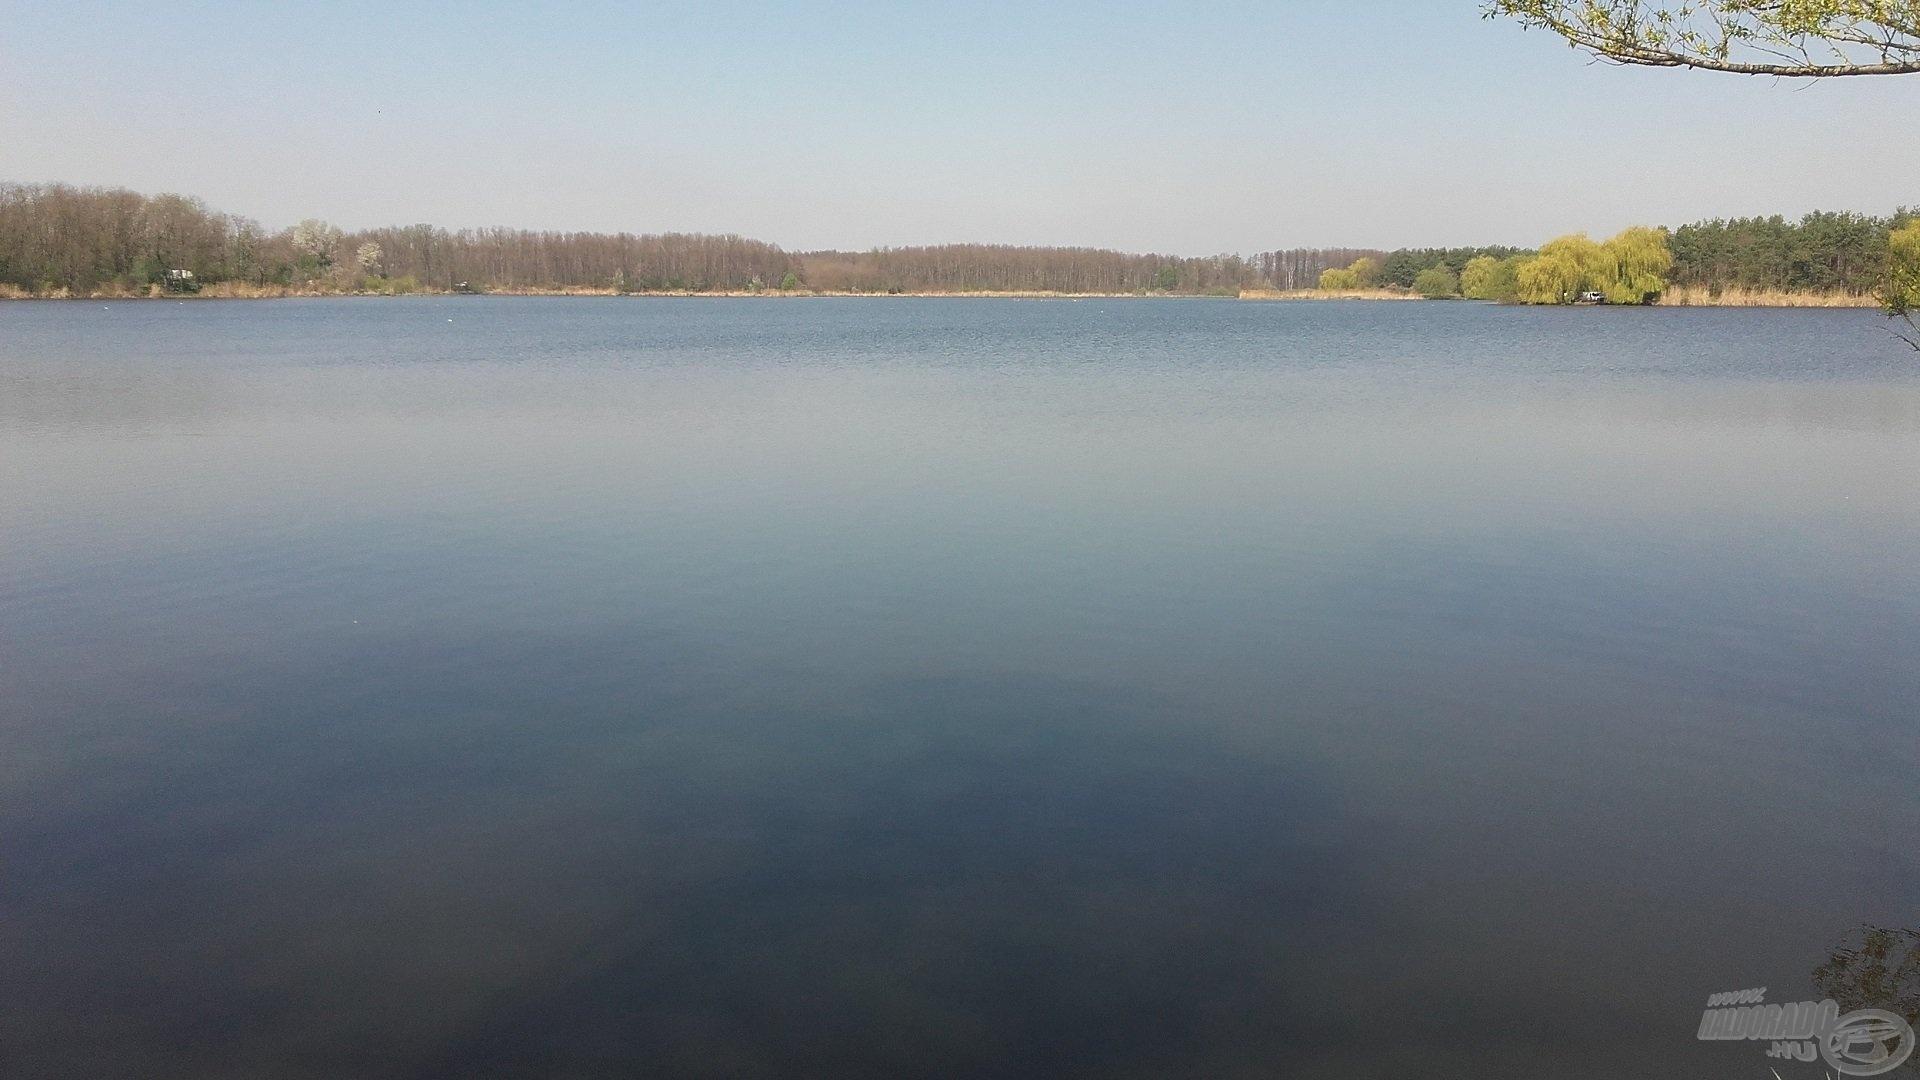 A tó alapvetően iszapos aljzatú, de néhány homokpad és egy-két kisebb kagylópad is található benne. Tipikus víztározó a gát előtti szakaszon 2-3 méteres, az ellentétes oldalon 0,5-1 méteres vízzel